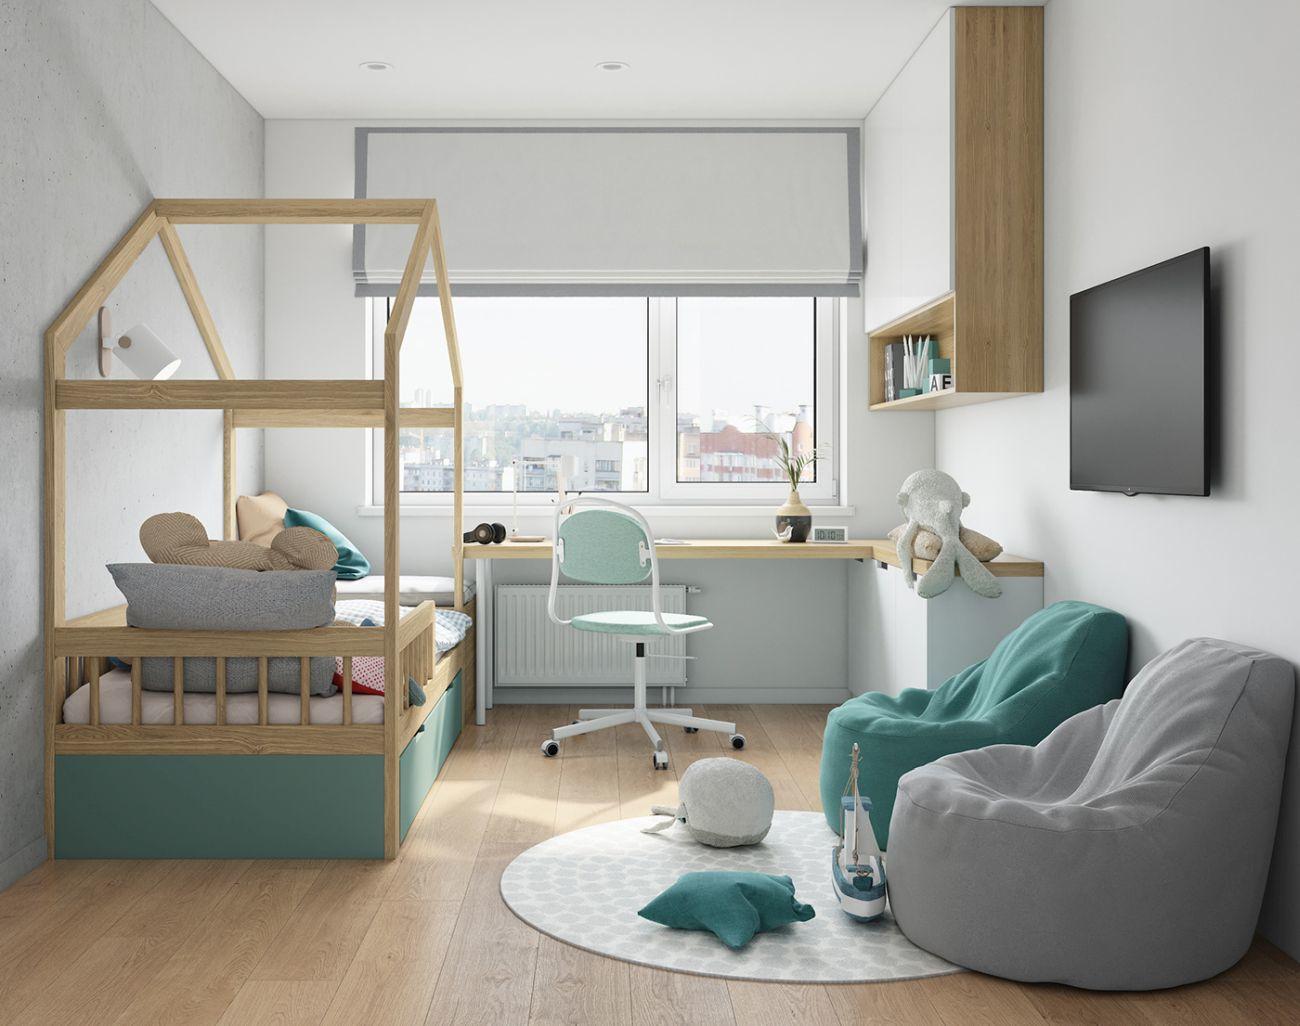 Házikó formájú ágykeret a gyerekszoba látványeleme